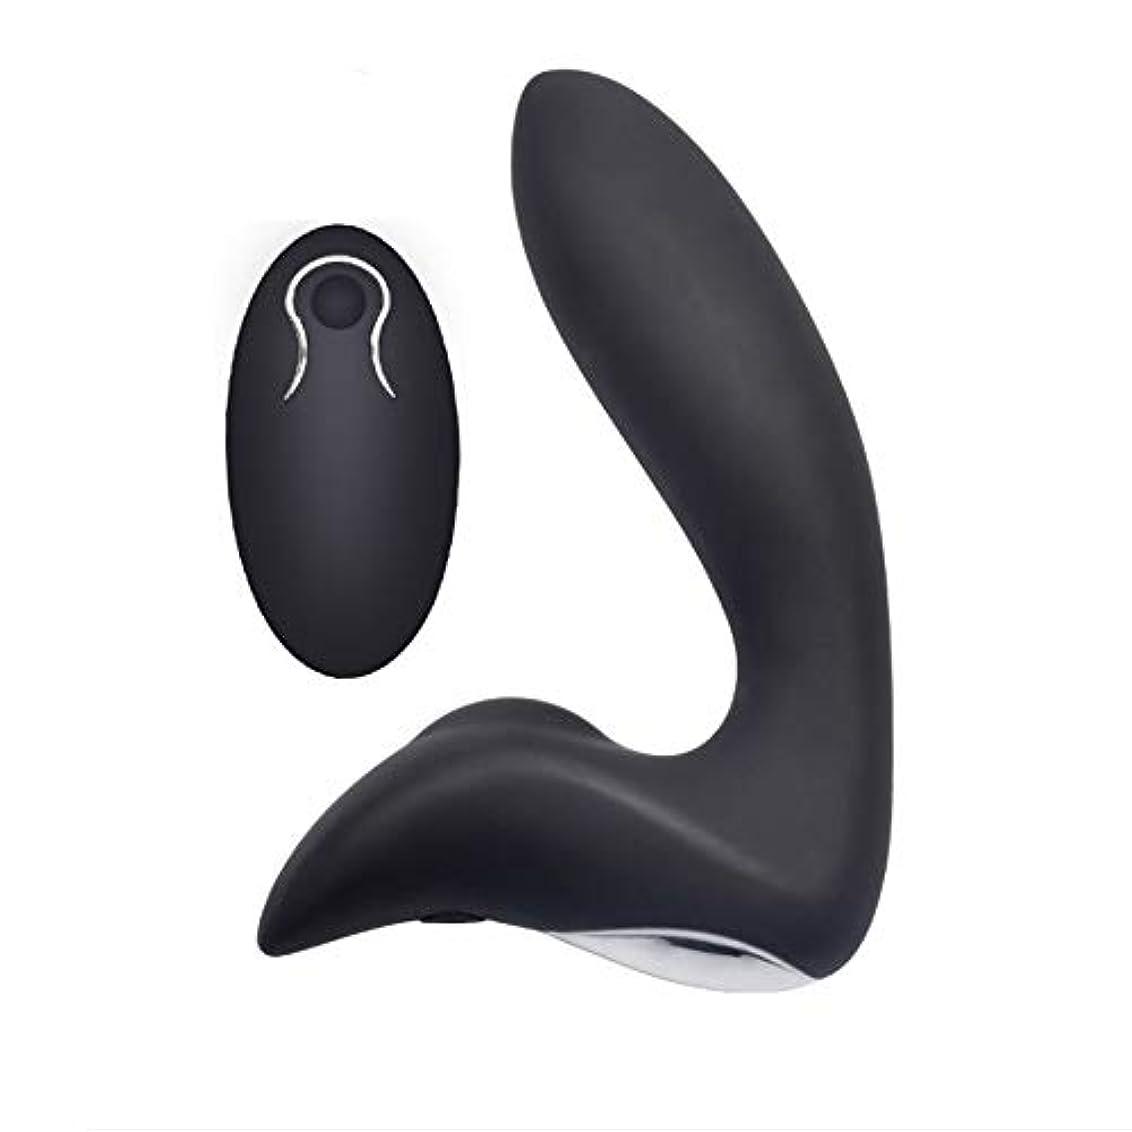 簡略化する暖かさ目立つ電気式マッサージ器前立腺マッサージ器黒色リモートコントロール付き12周波数感受性領域は静かな防水性大人を刺激する